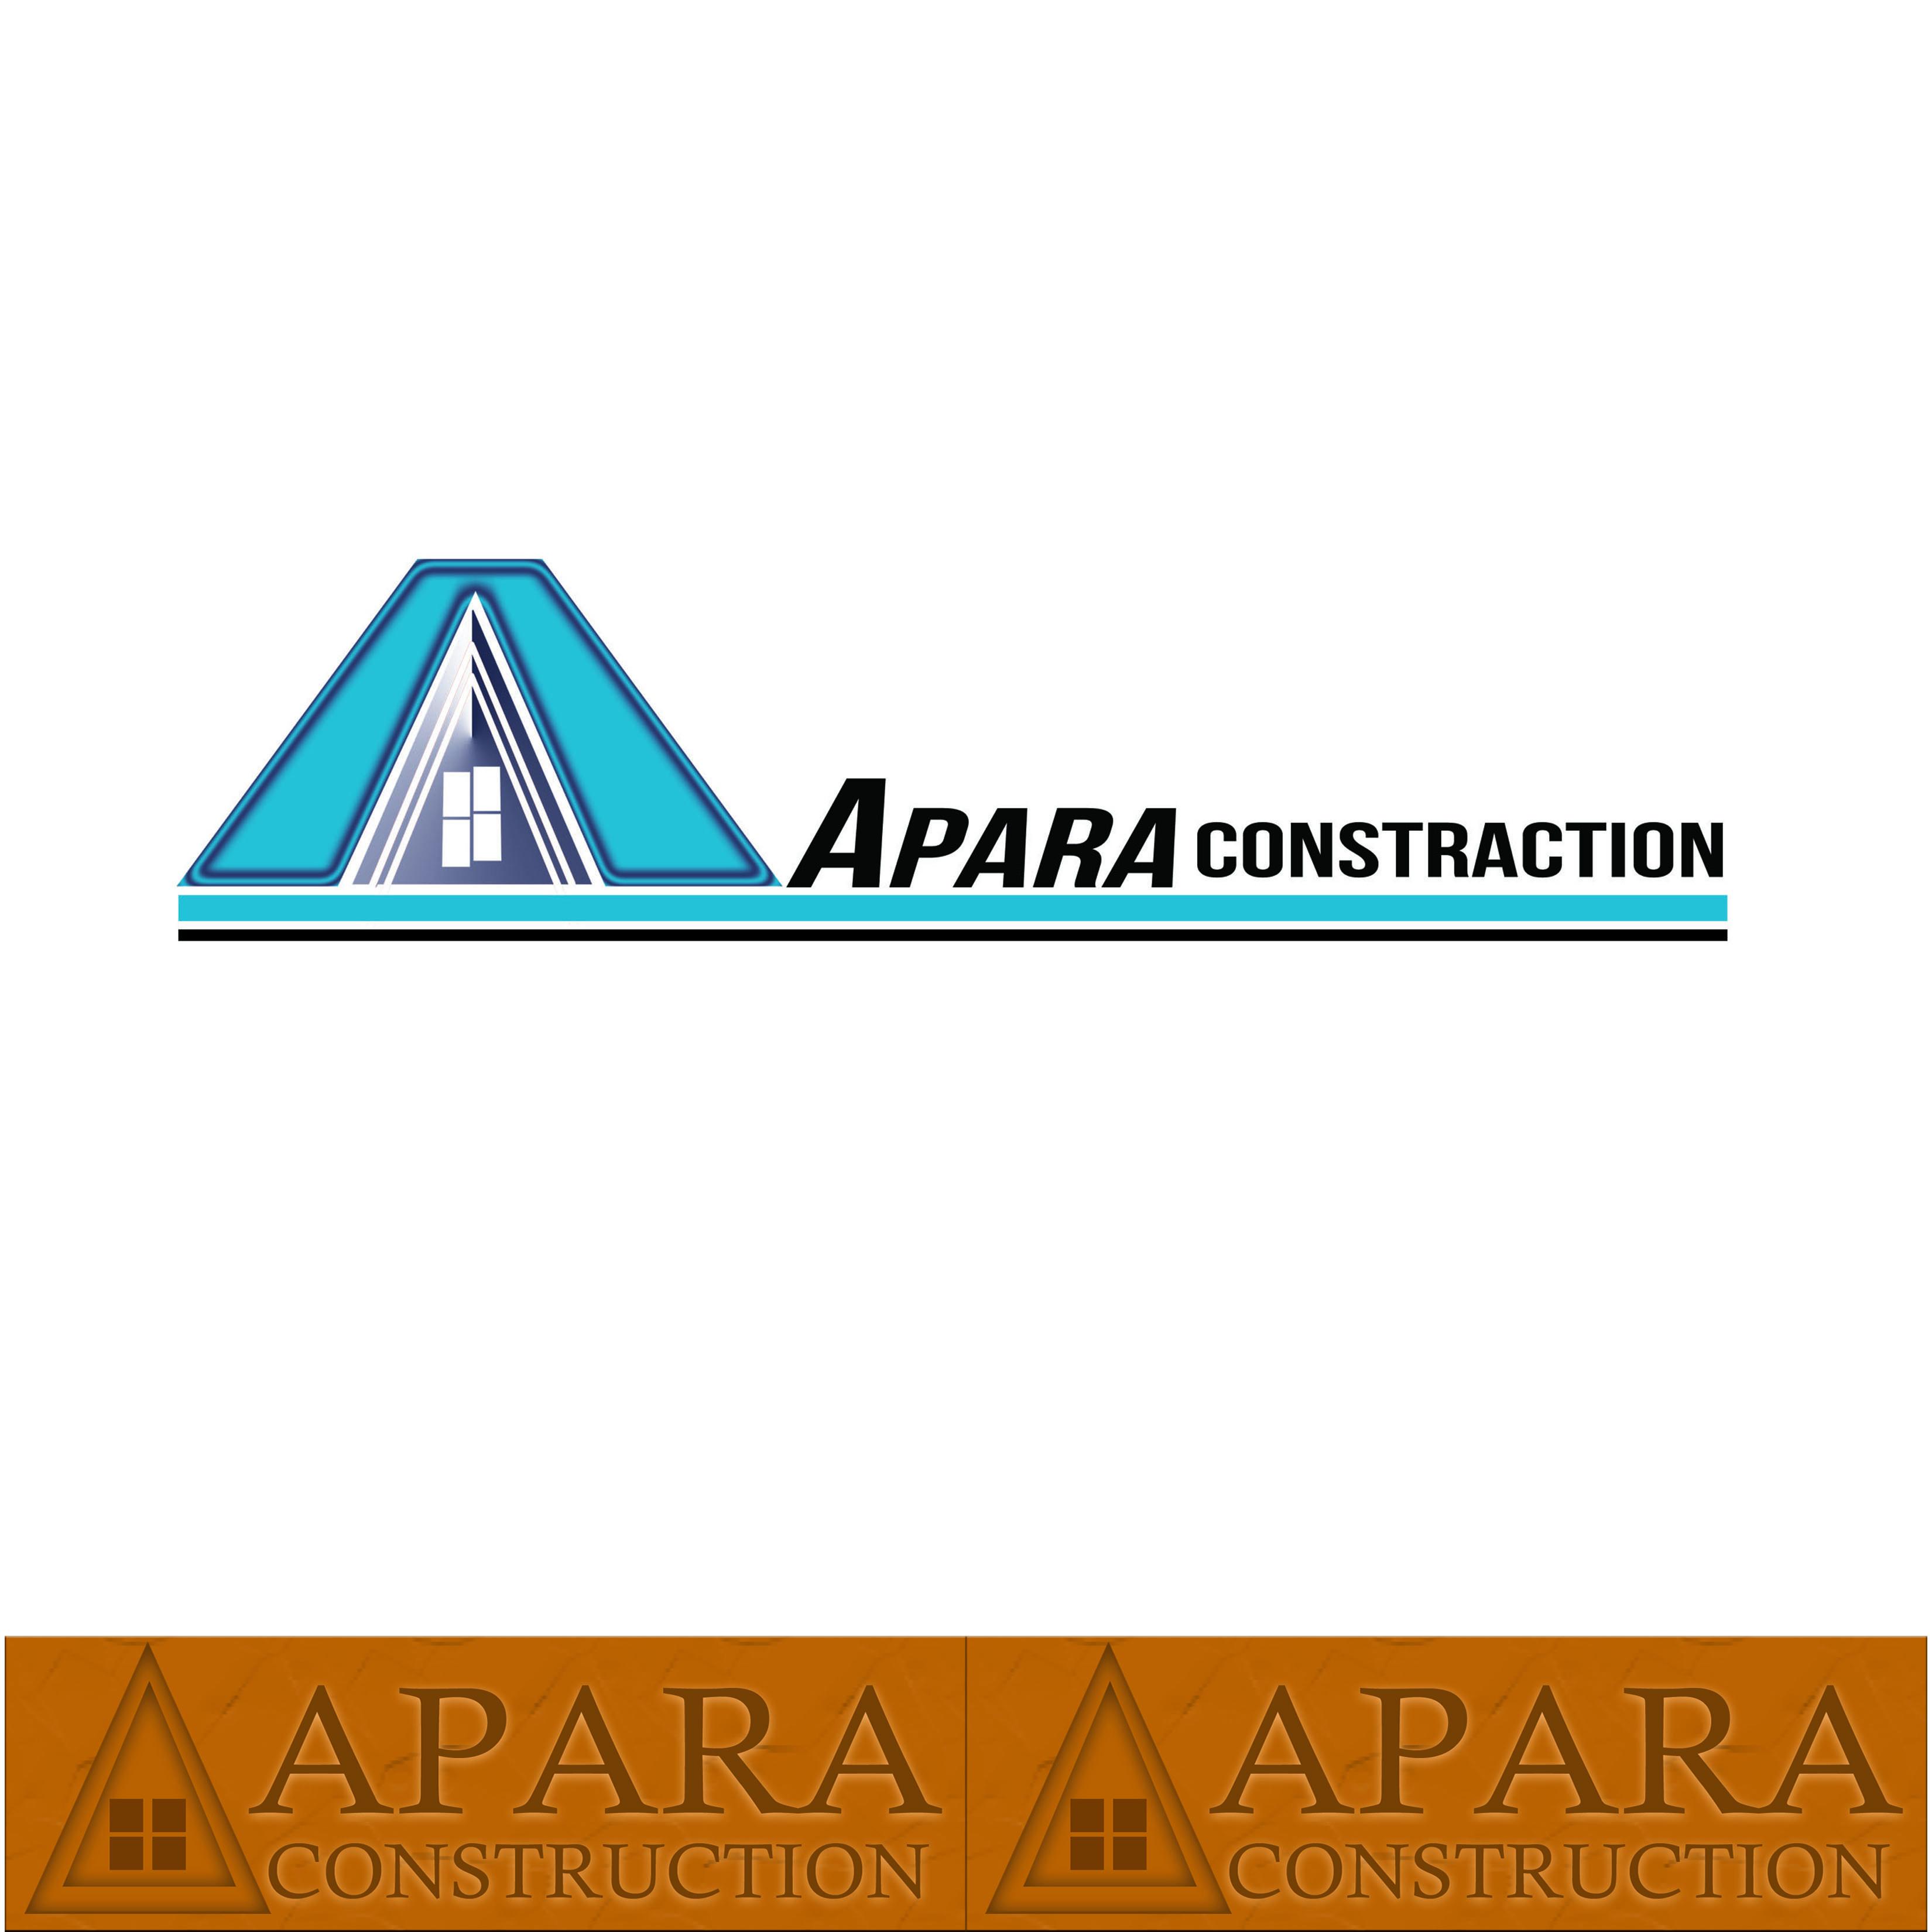 Logo Design by Alan Esclamado - Entry No. 15 in the Logo Design Contest Apara Construction Logo Design.